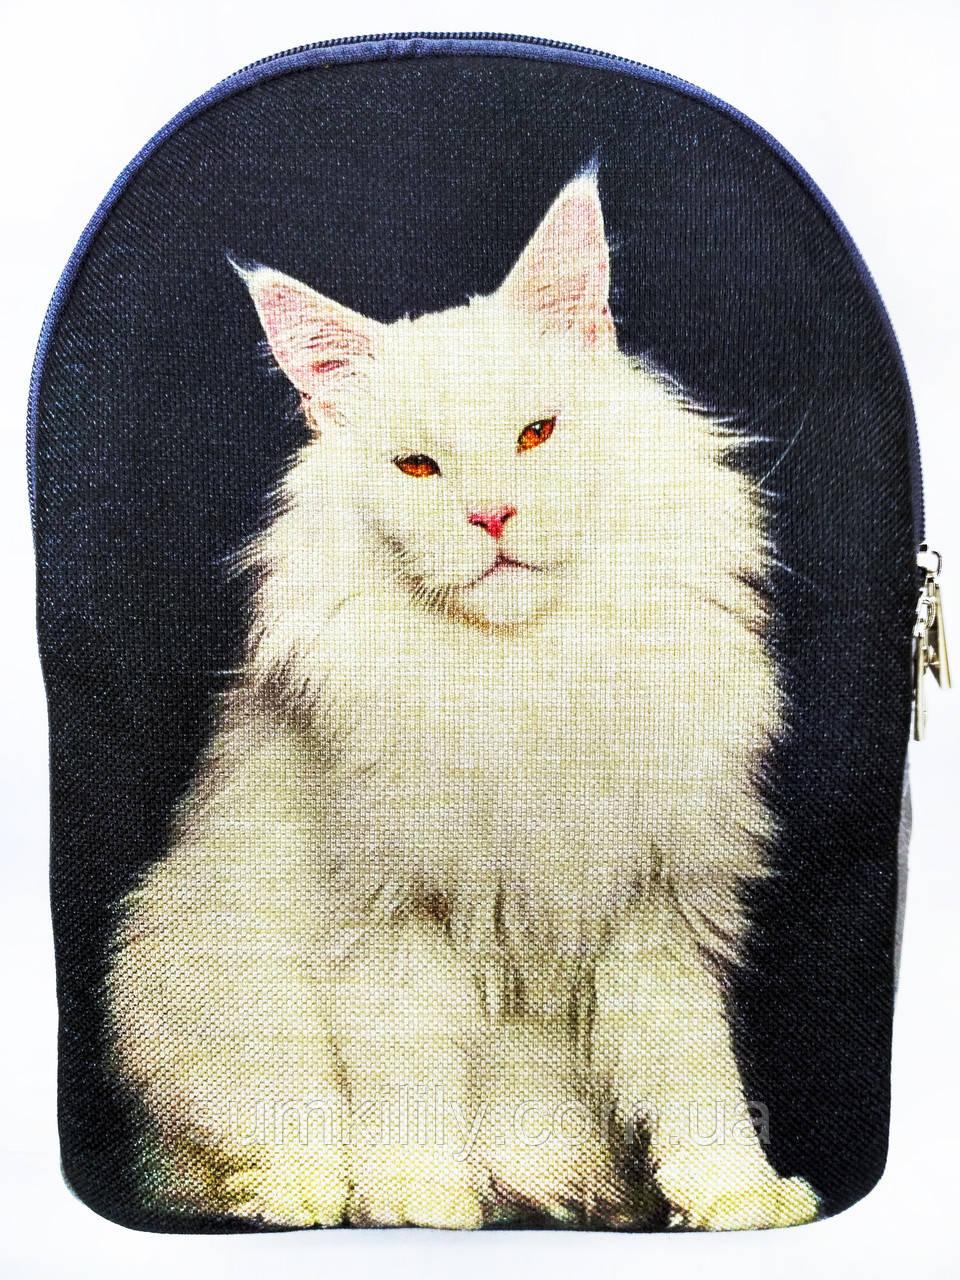 Текстильный рюкзак МЕЙНКУН белый